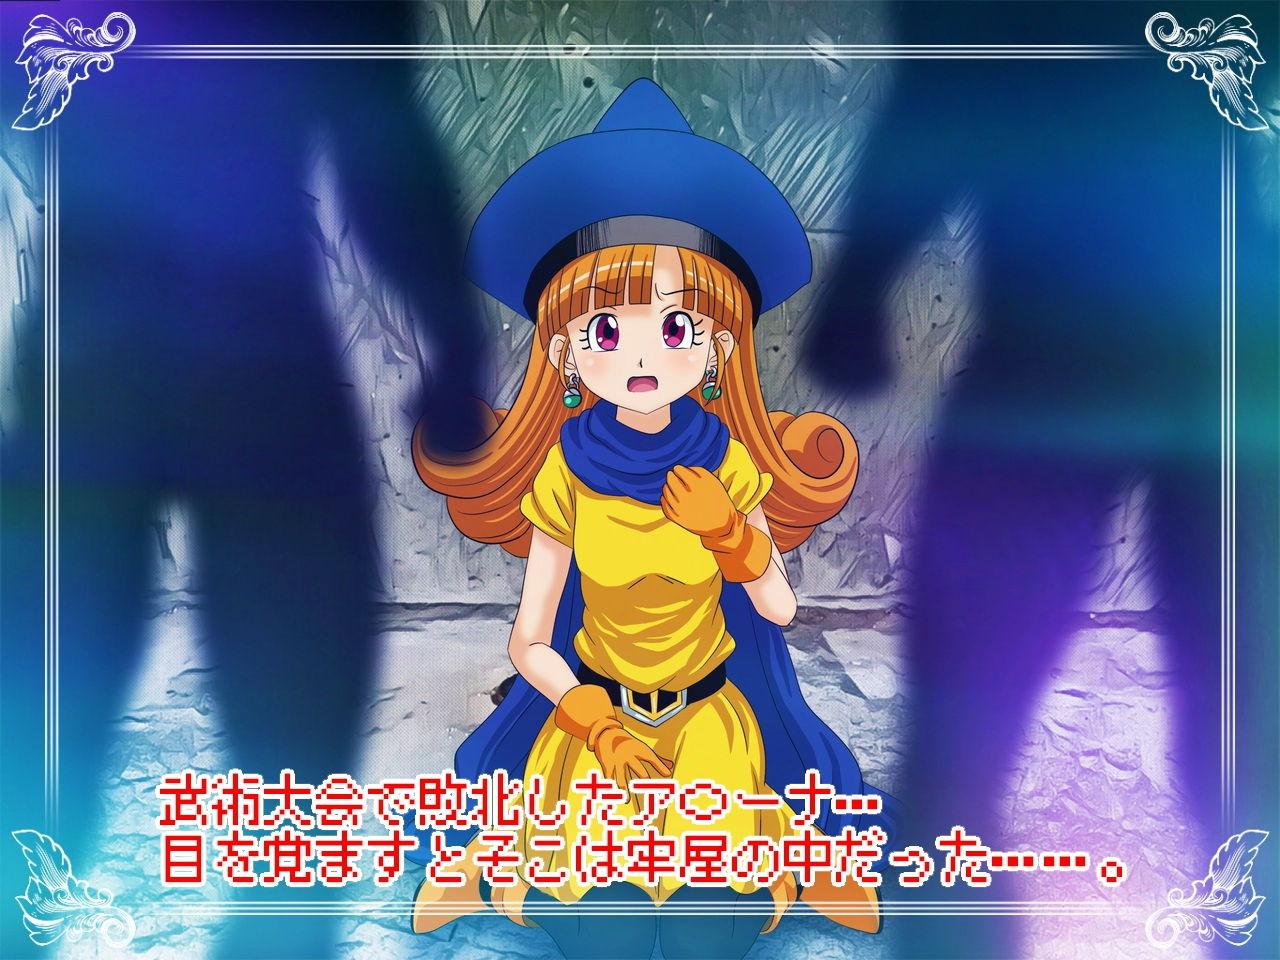 敗北のおてんば姫 エロ画像